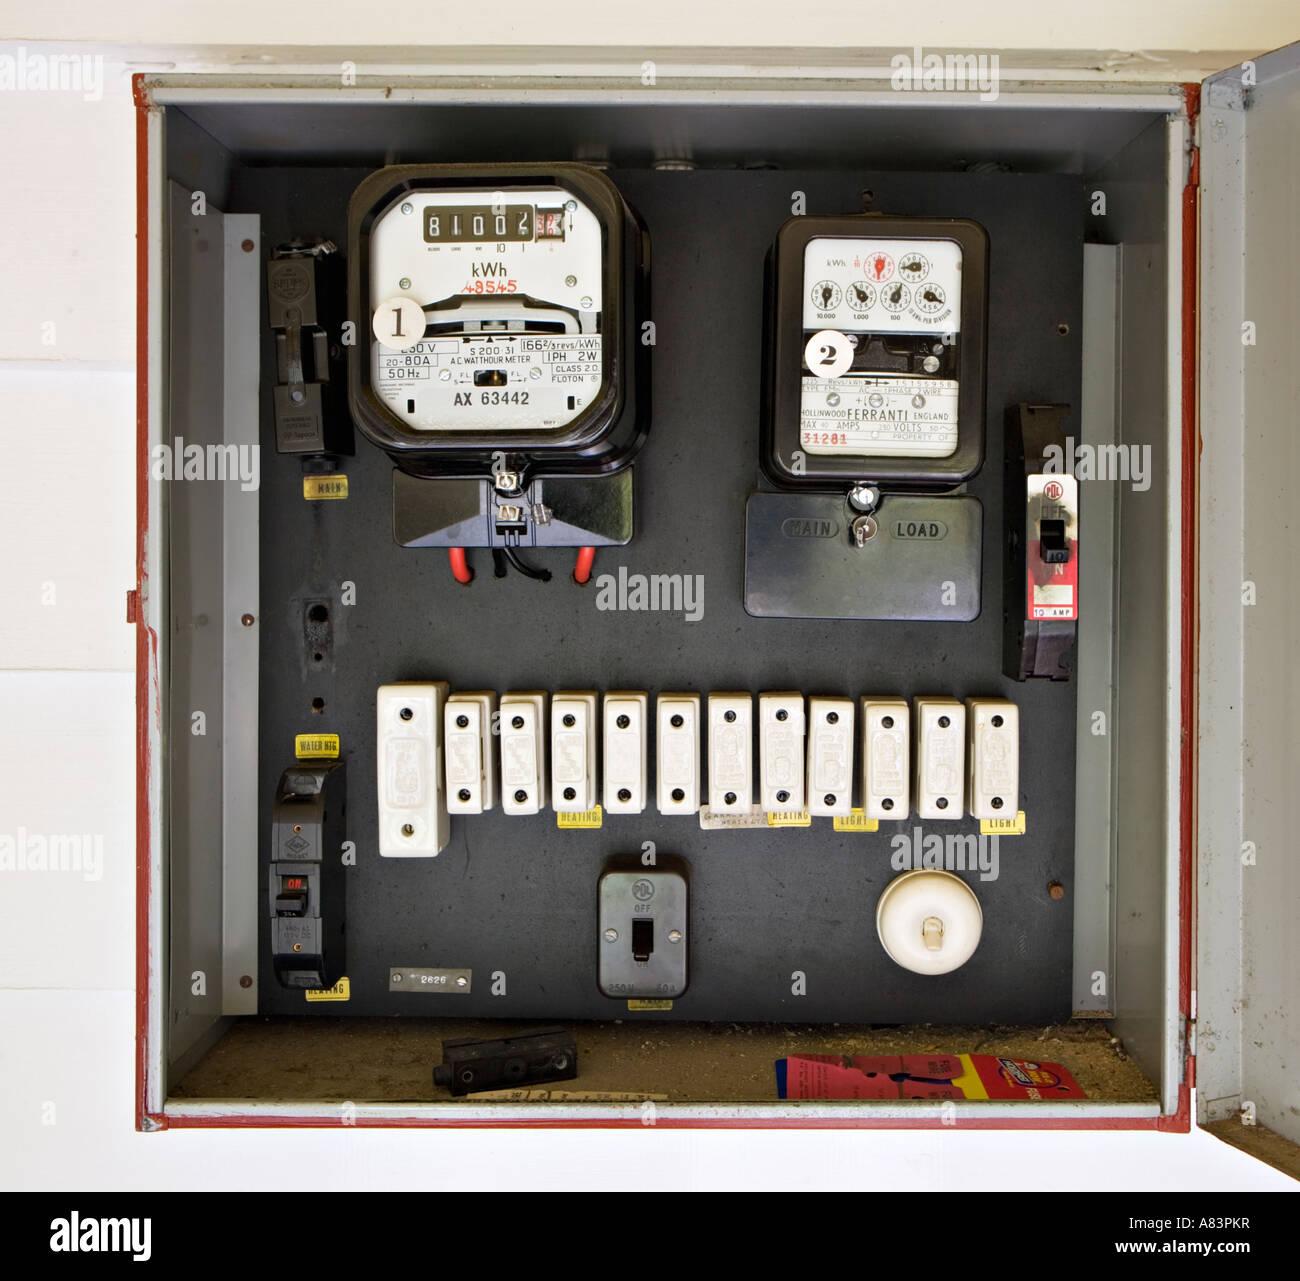 [DIAGRAM_5LK]  Home Meter Wiring Diagram - Wire Diagram For Ezgo Txt for Wiring Diagram  Schematics | House Meter Box Wiring Diagram |  | Wiring Diagram Schematics